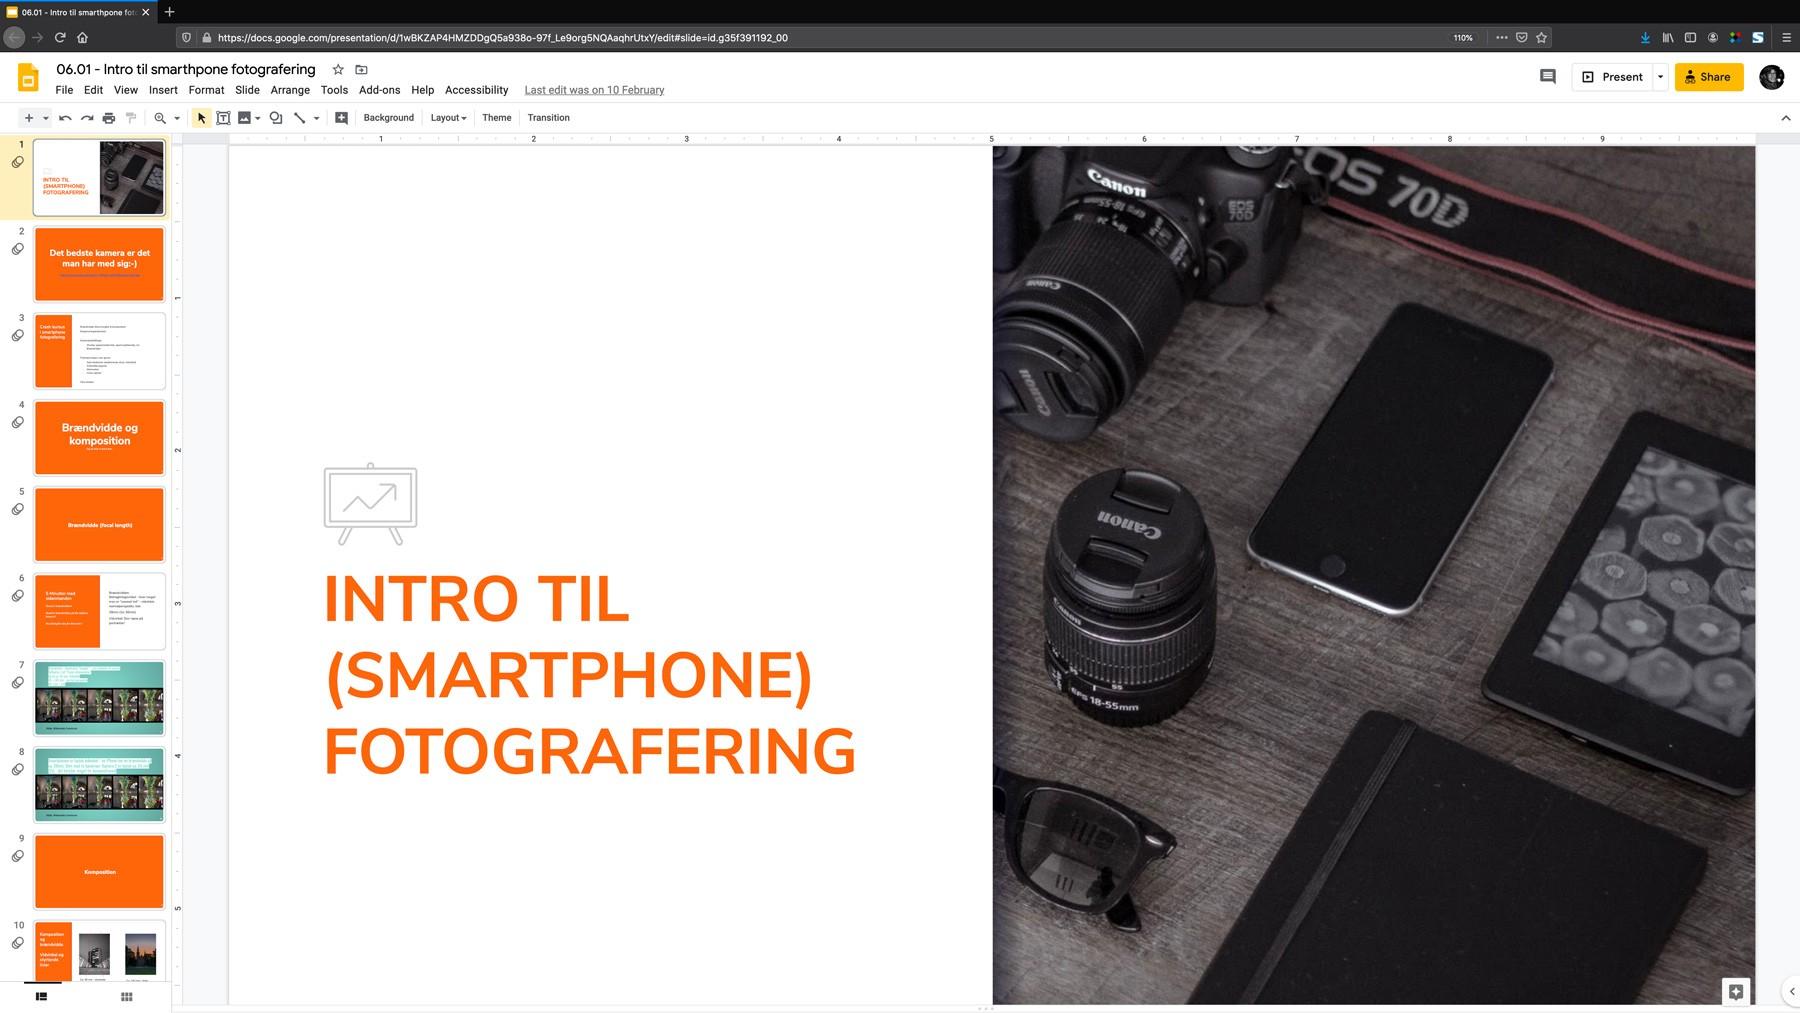 Intro til smartphone fotografering - eksempel på kursusaktivitet (ny fane)